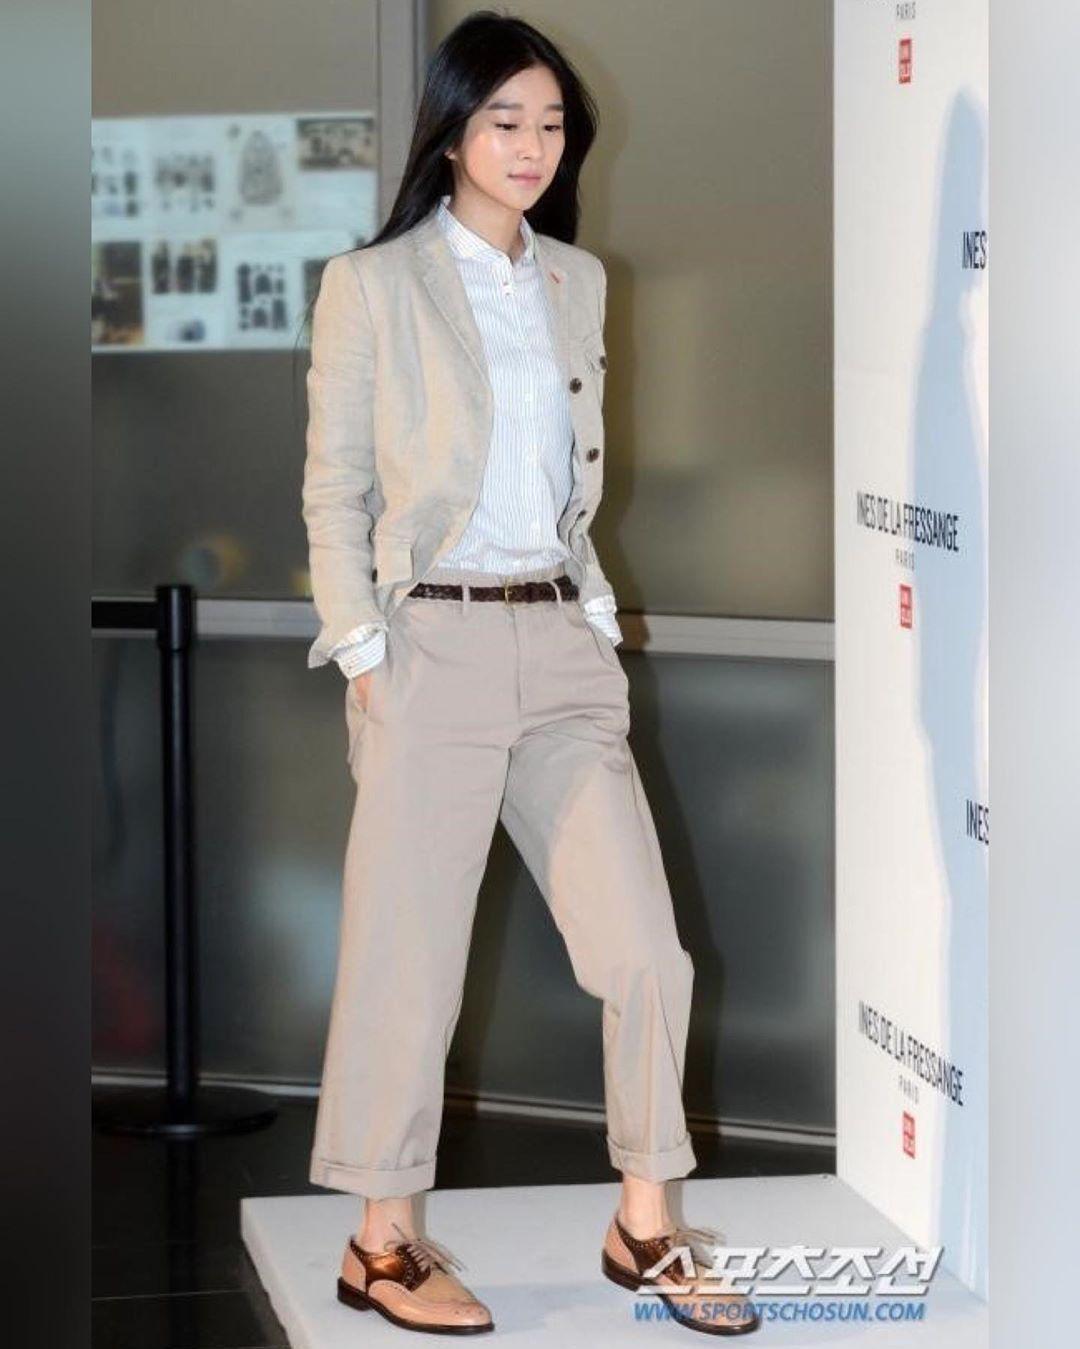 Chân dài nổi tiếng nhưng Seo Ye Ji cũng từng dìm dáng thảm hại vì chọn nhầm bộ suit khiến chân ngắn một mẩu - Ảnh 2.